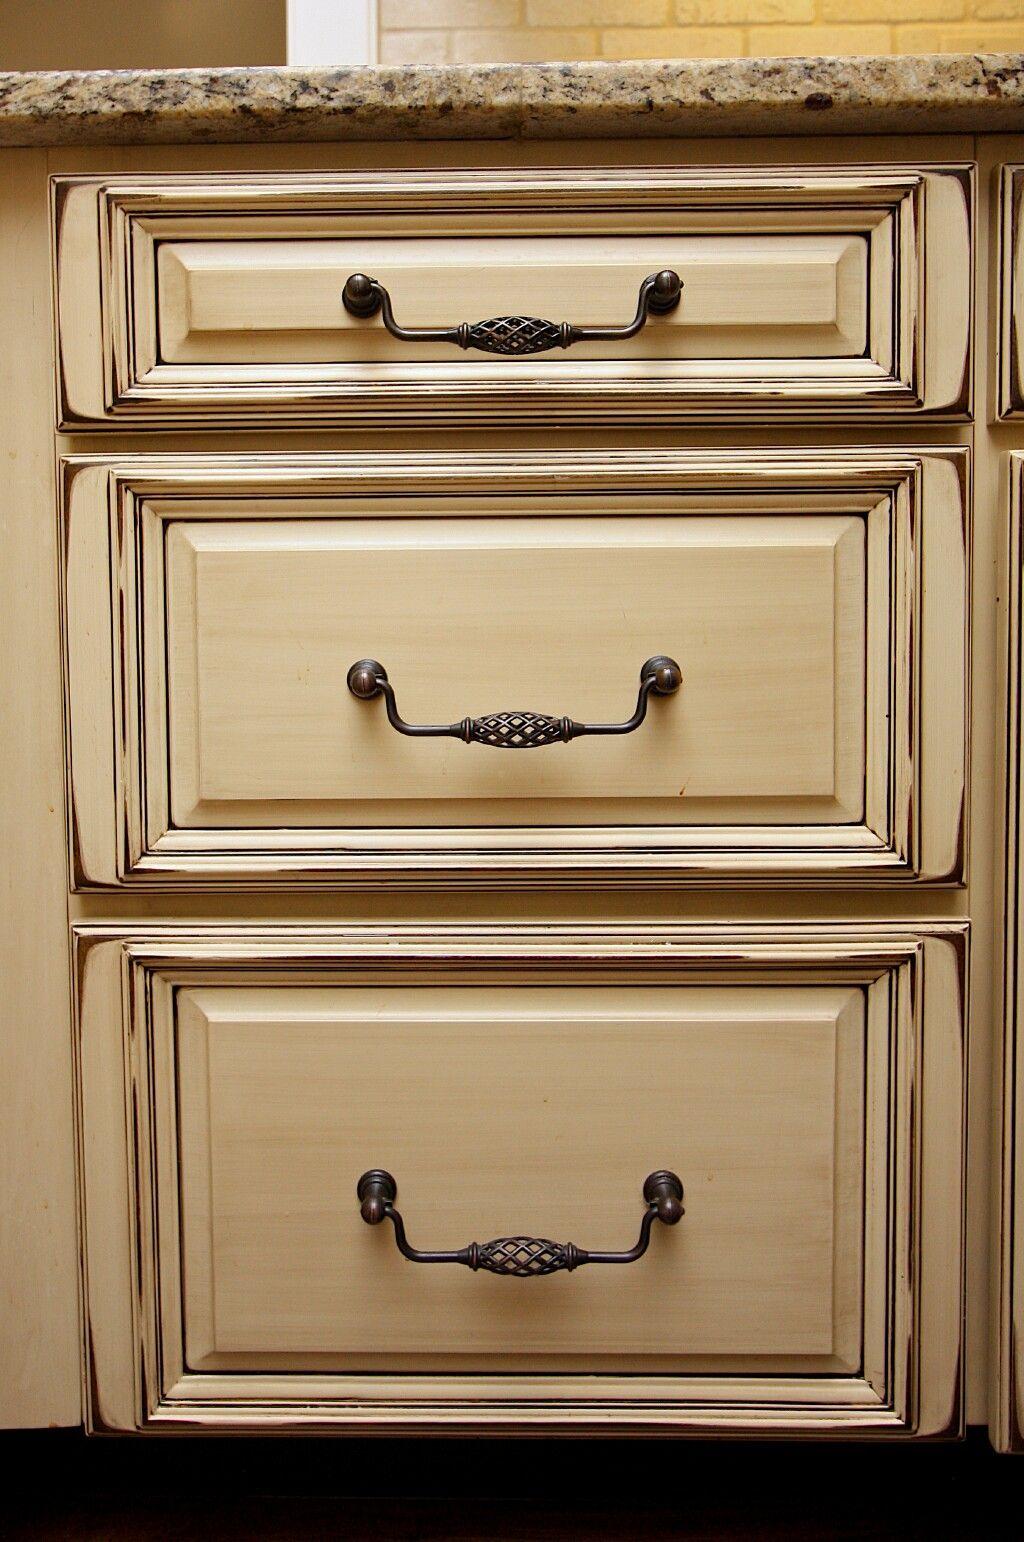 Rustic Kitchen Cabinet Doors Maple Glaze Kitchen Cabinets Rustic Finish Sample D Glazed Kitchen Cabinets Maple Kitchen Cabinets Rustic Kitchen Cabinets